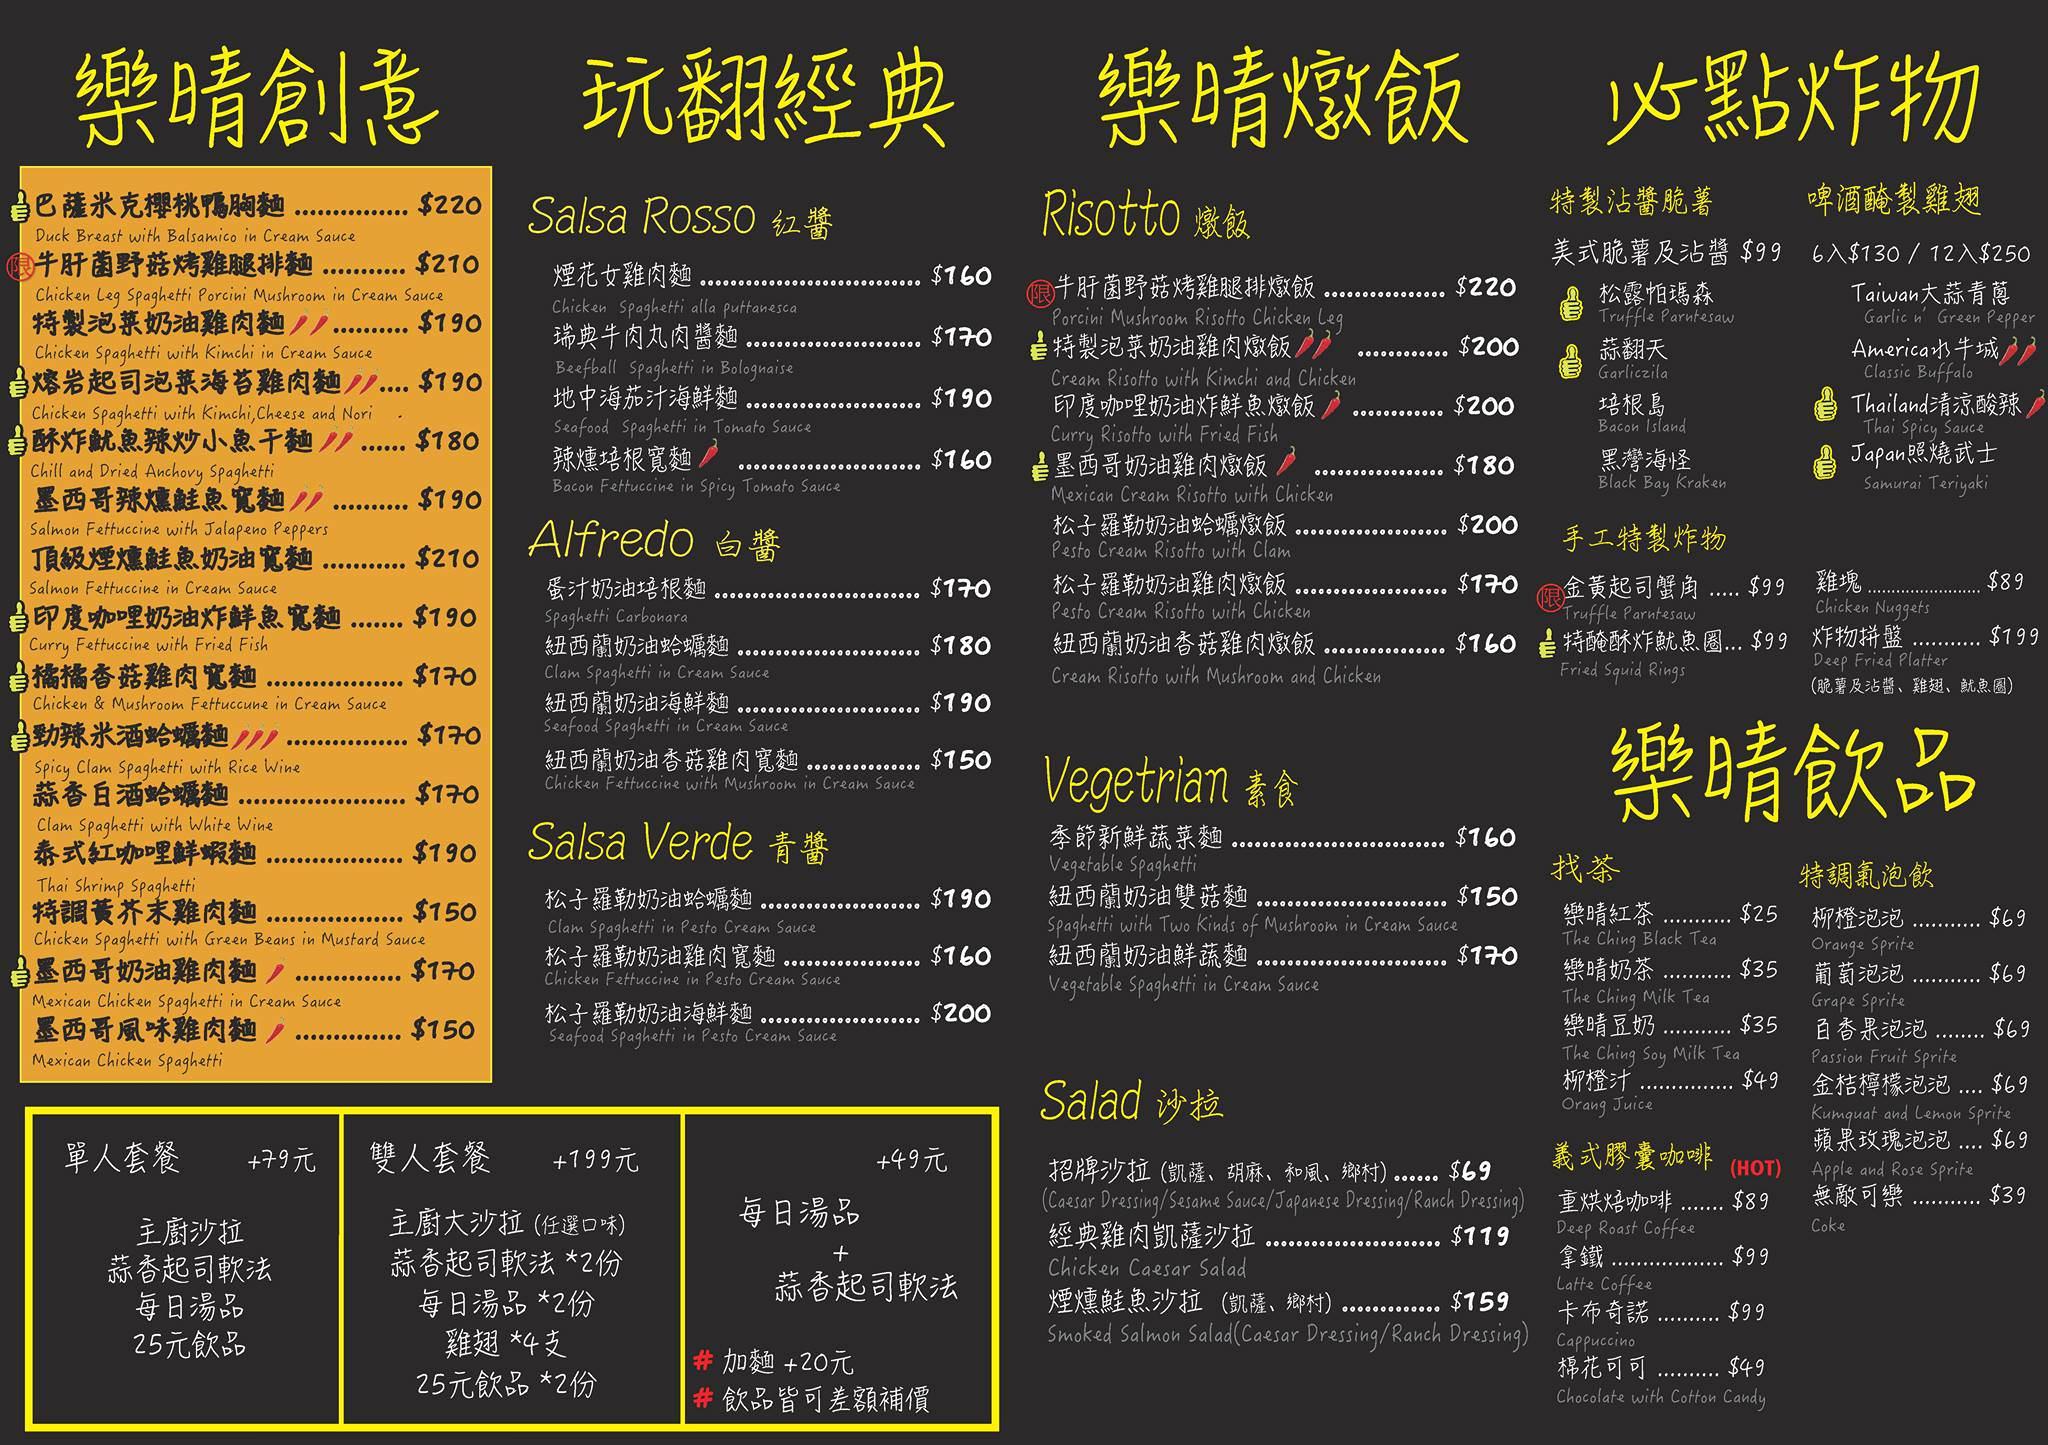 20170921230159 79 - 熱血採訪 | 樂晴THE CHING,逢甲美式餐廳,香酥魷魚圈有台式風貌,超涮嘴~(已歇業)